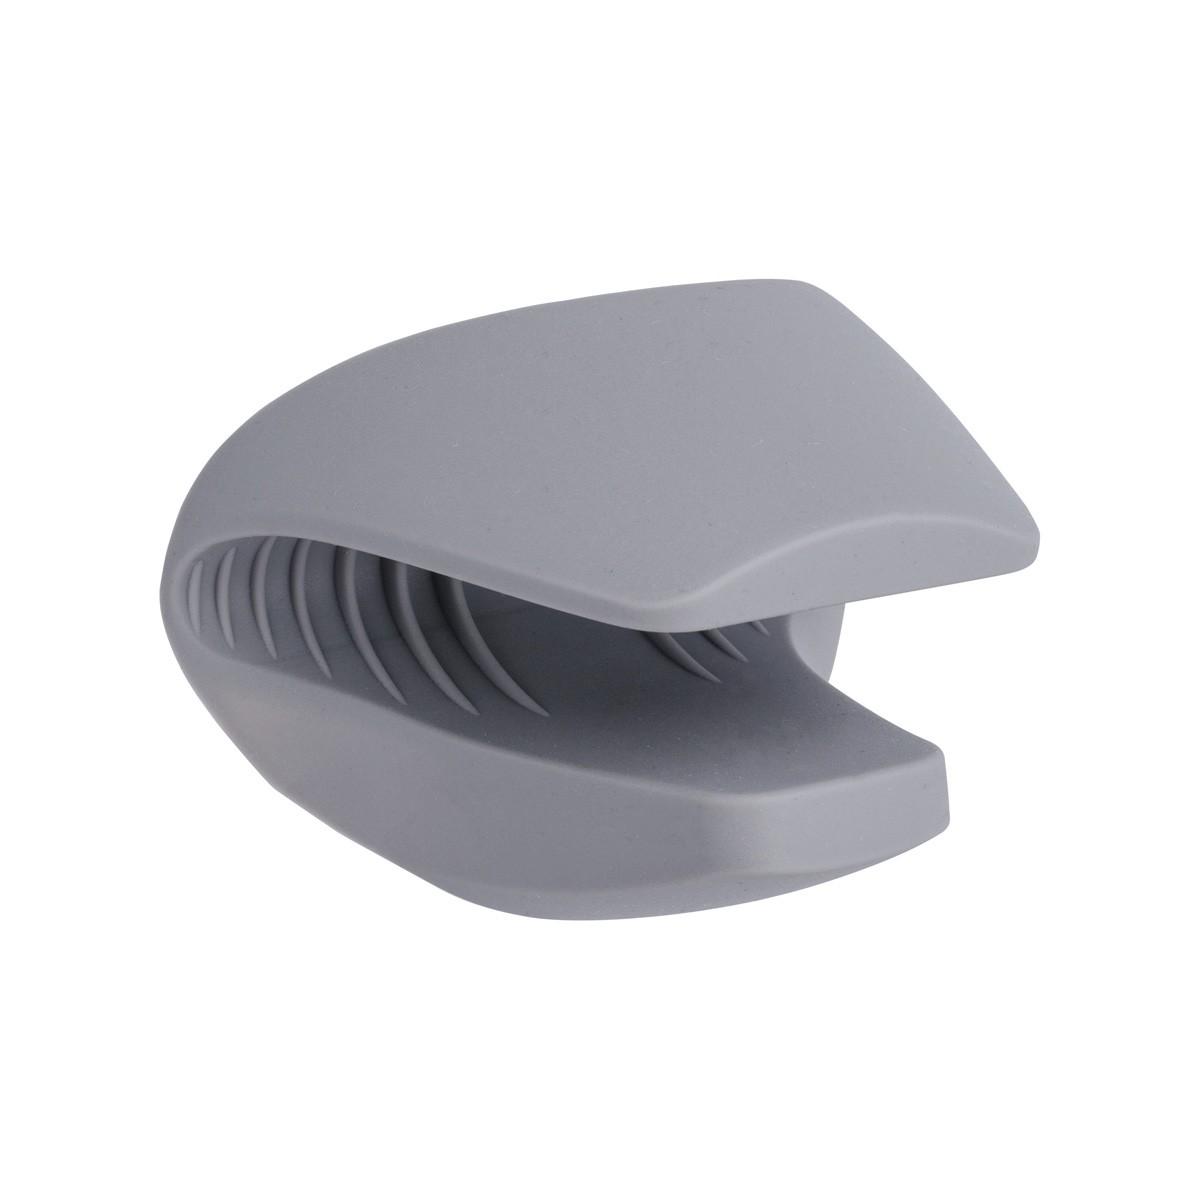 Luva Térmica para Cozinha de Silicone com Bico Cinza para Altas Temperaturas